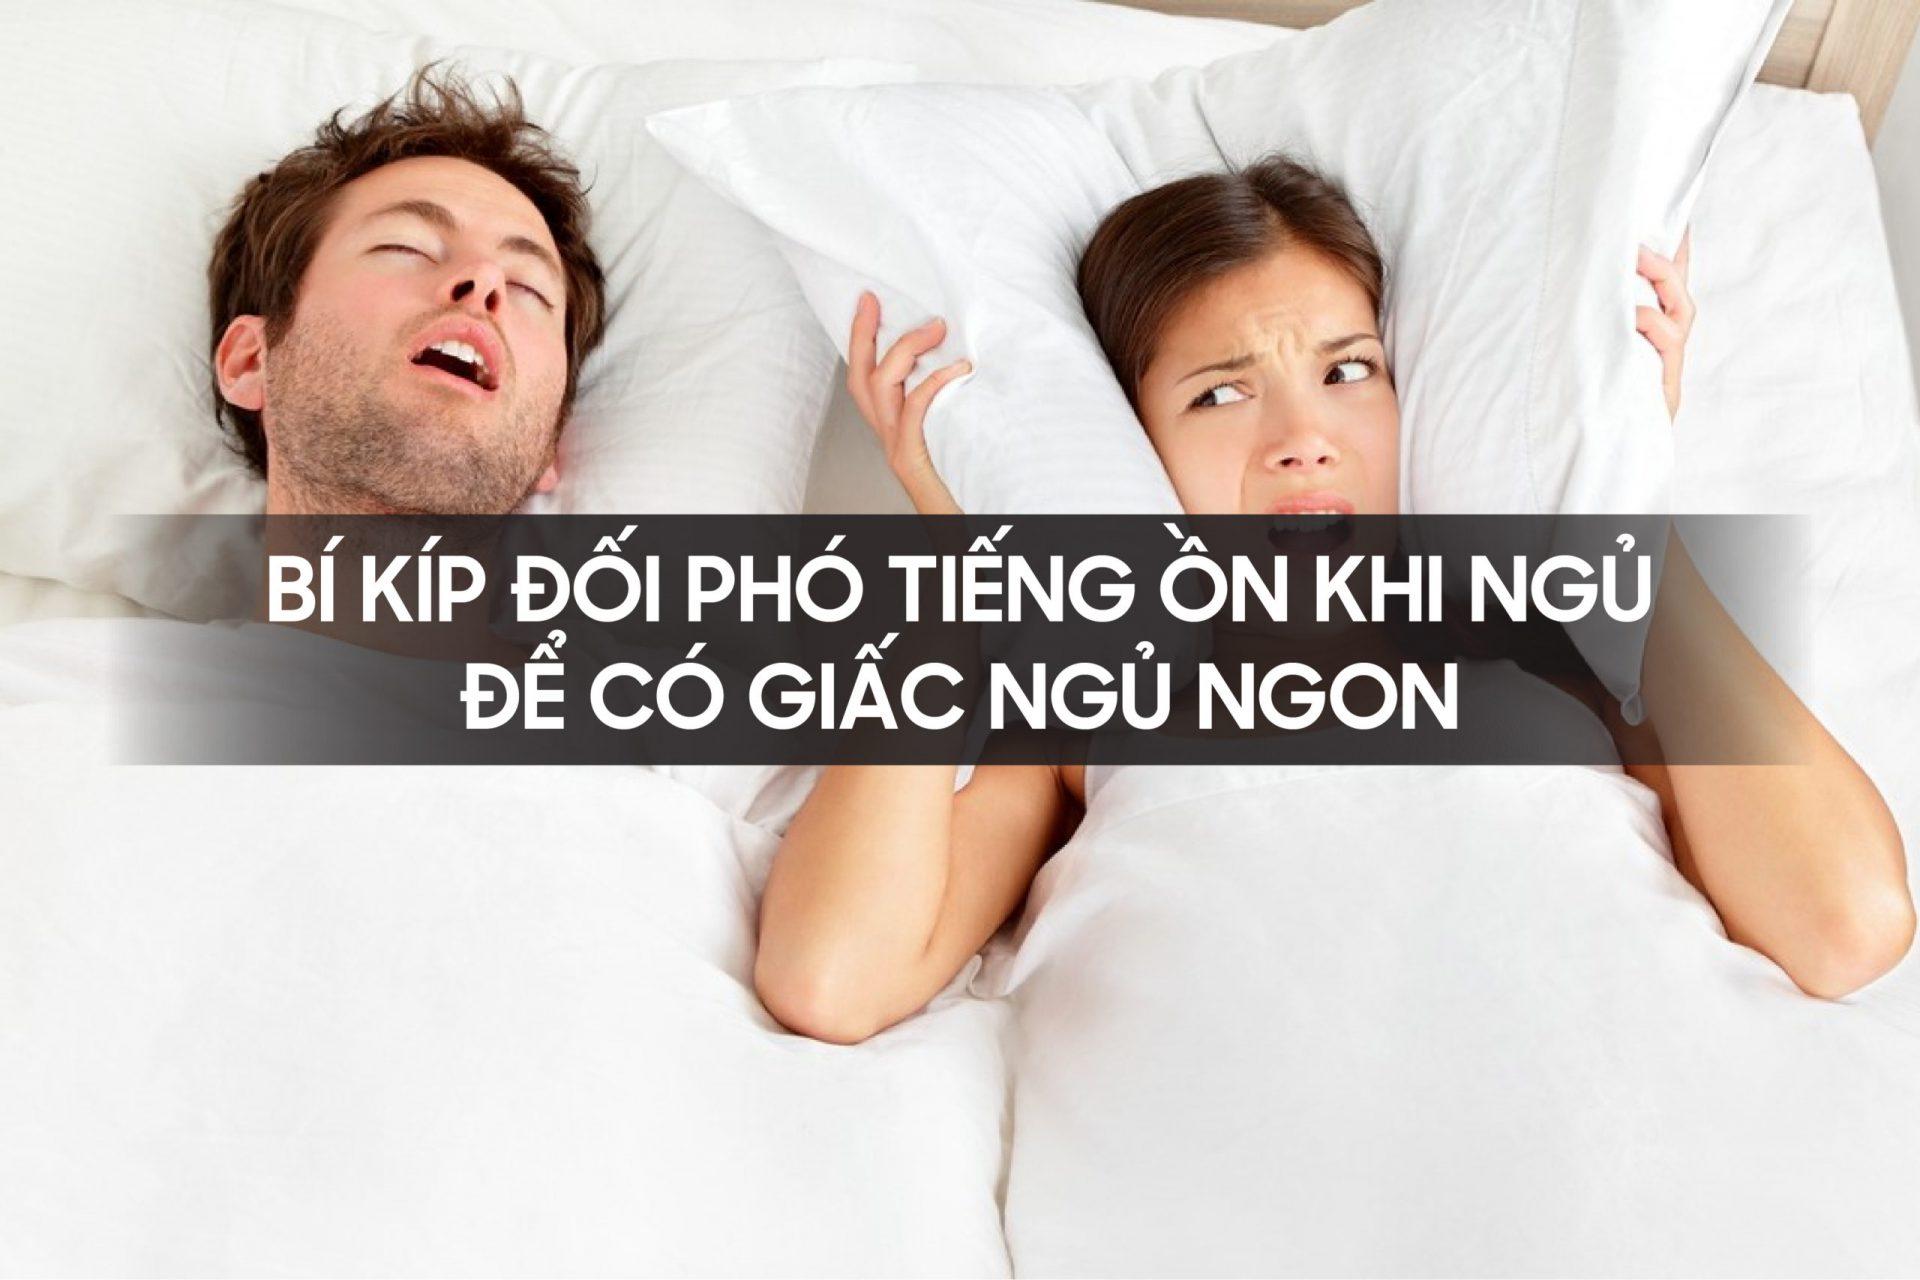 Bí kíp đối phó tiếng ồn khi ngủ để có giấc ngủ ngon